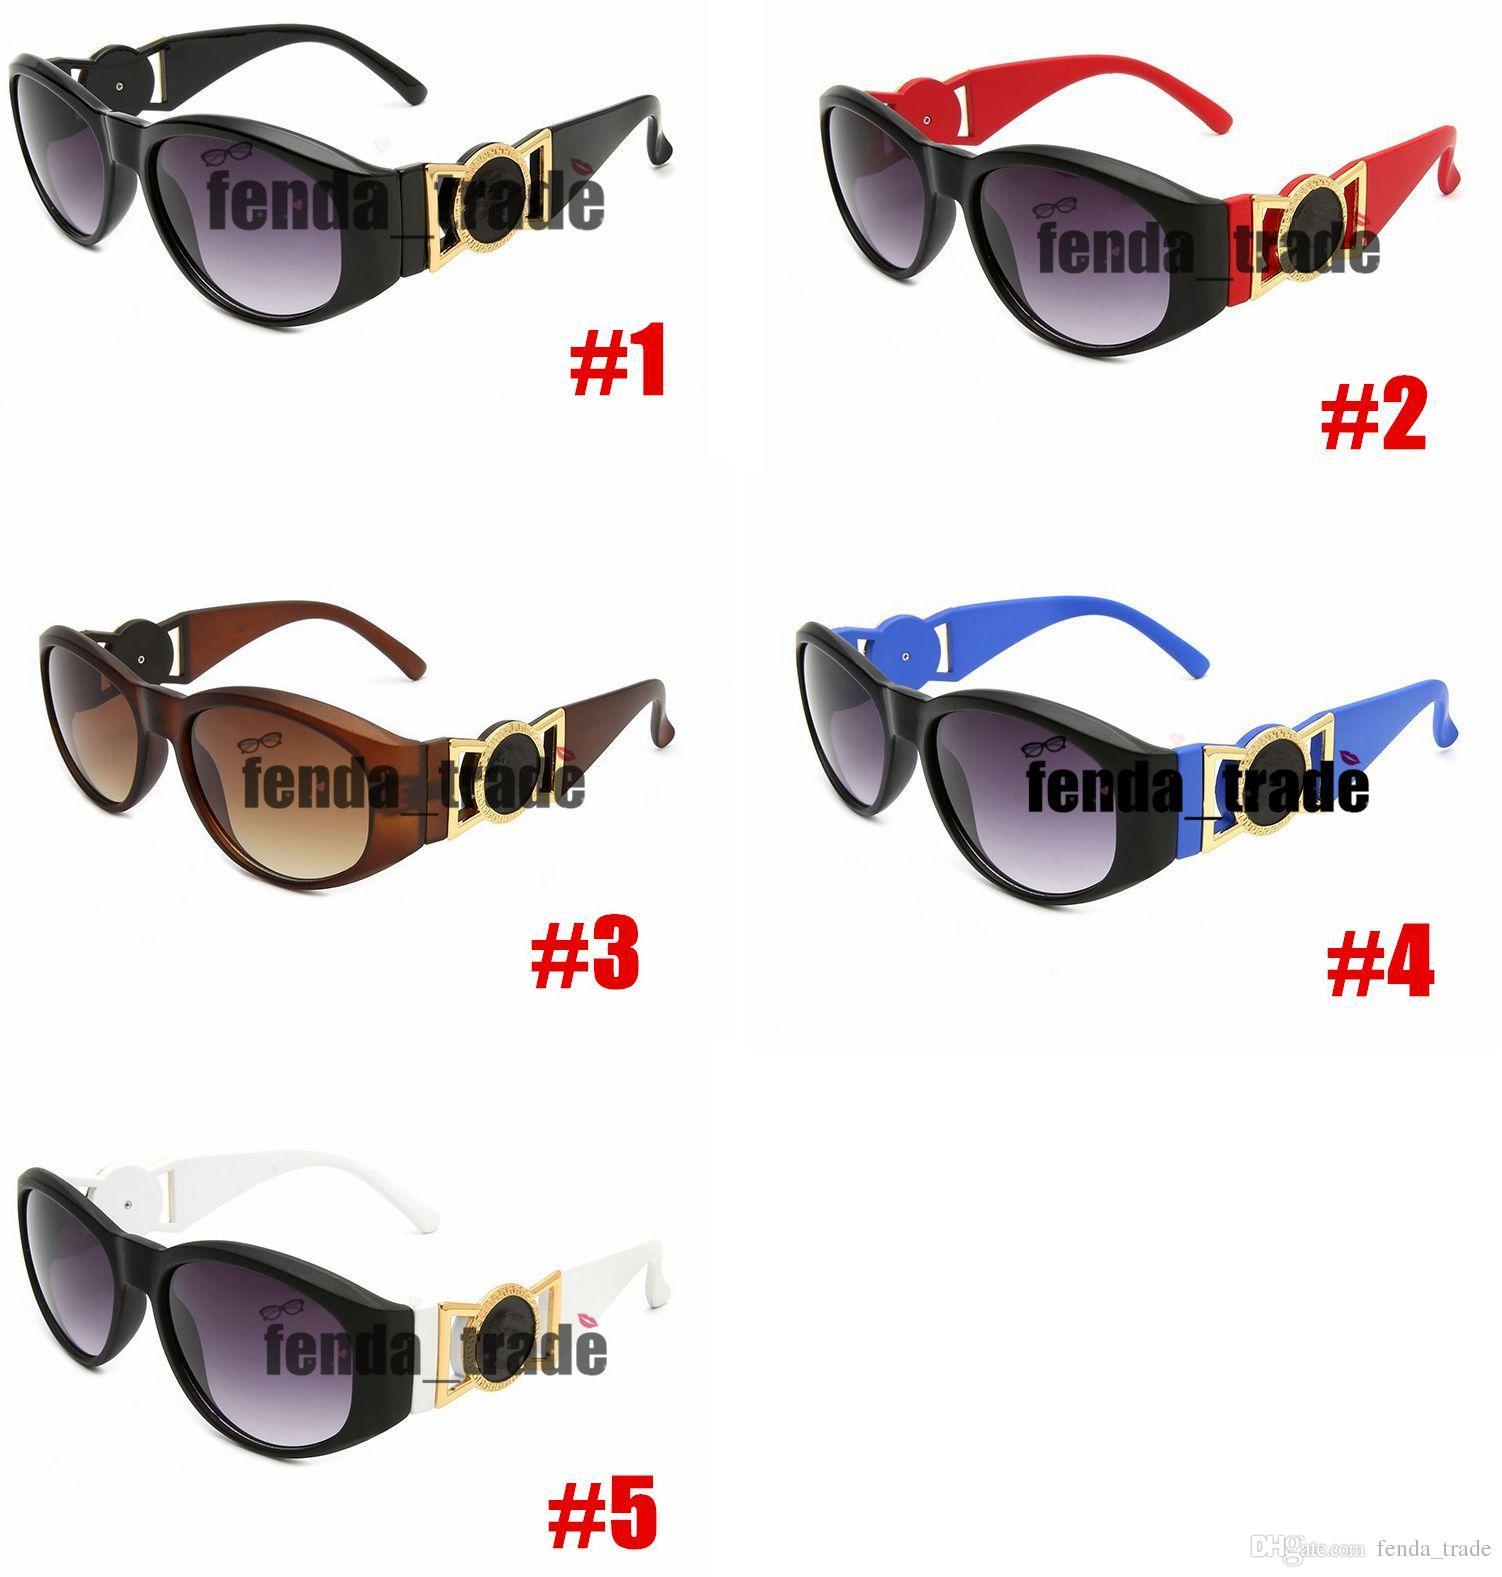 Marka Lüks Erkekler Yeni Güneş Gözlüğü Plastik Gözlük Erkekler ve Kadınlar için 9918 5 Renkler Marka Tasarımcısı Güneş Gözlüğü Erkek Kadın Moda Spor için 10 adet